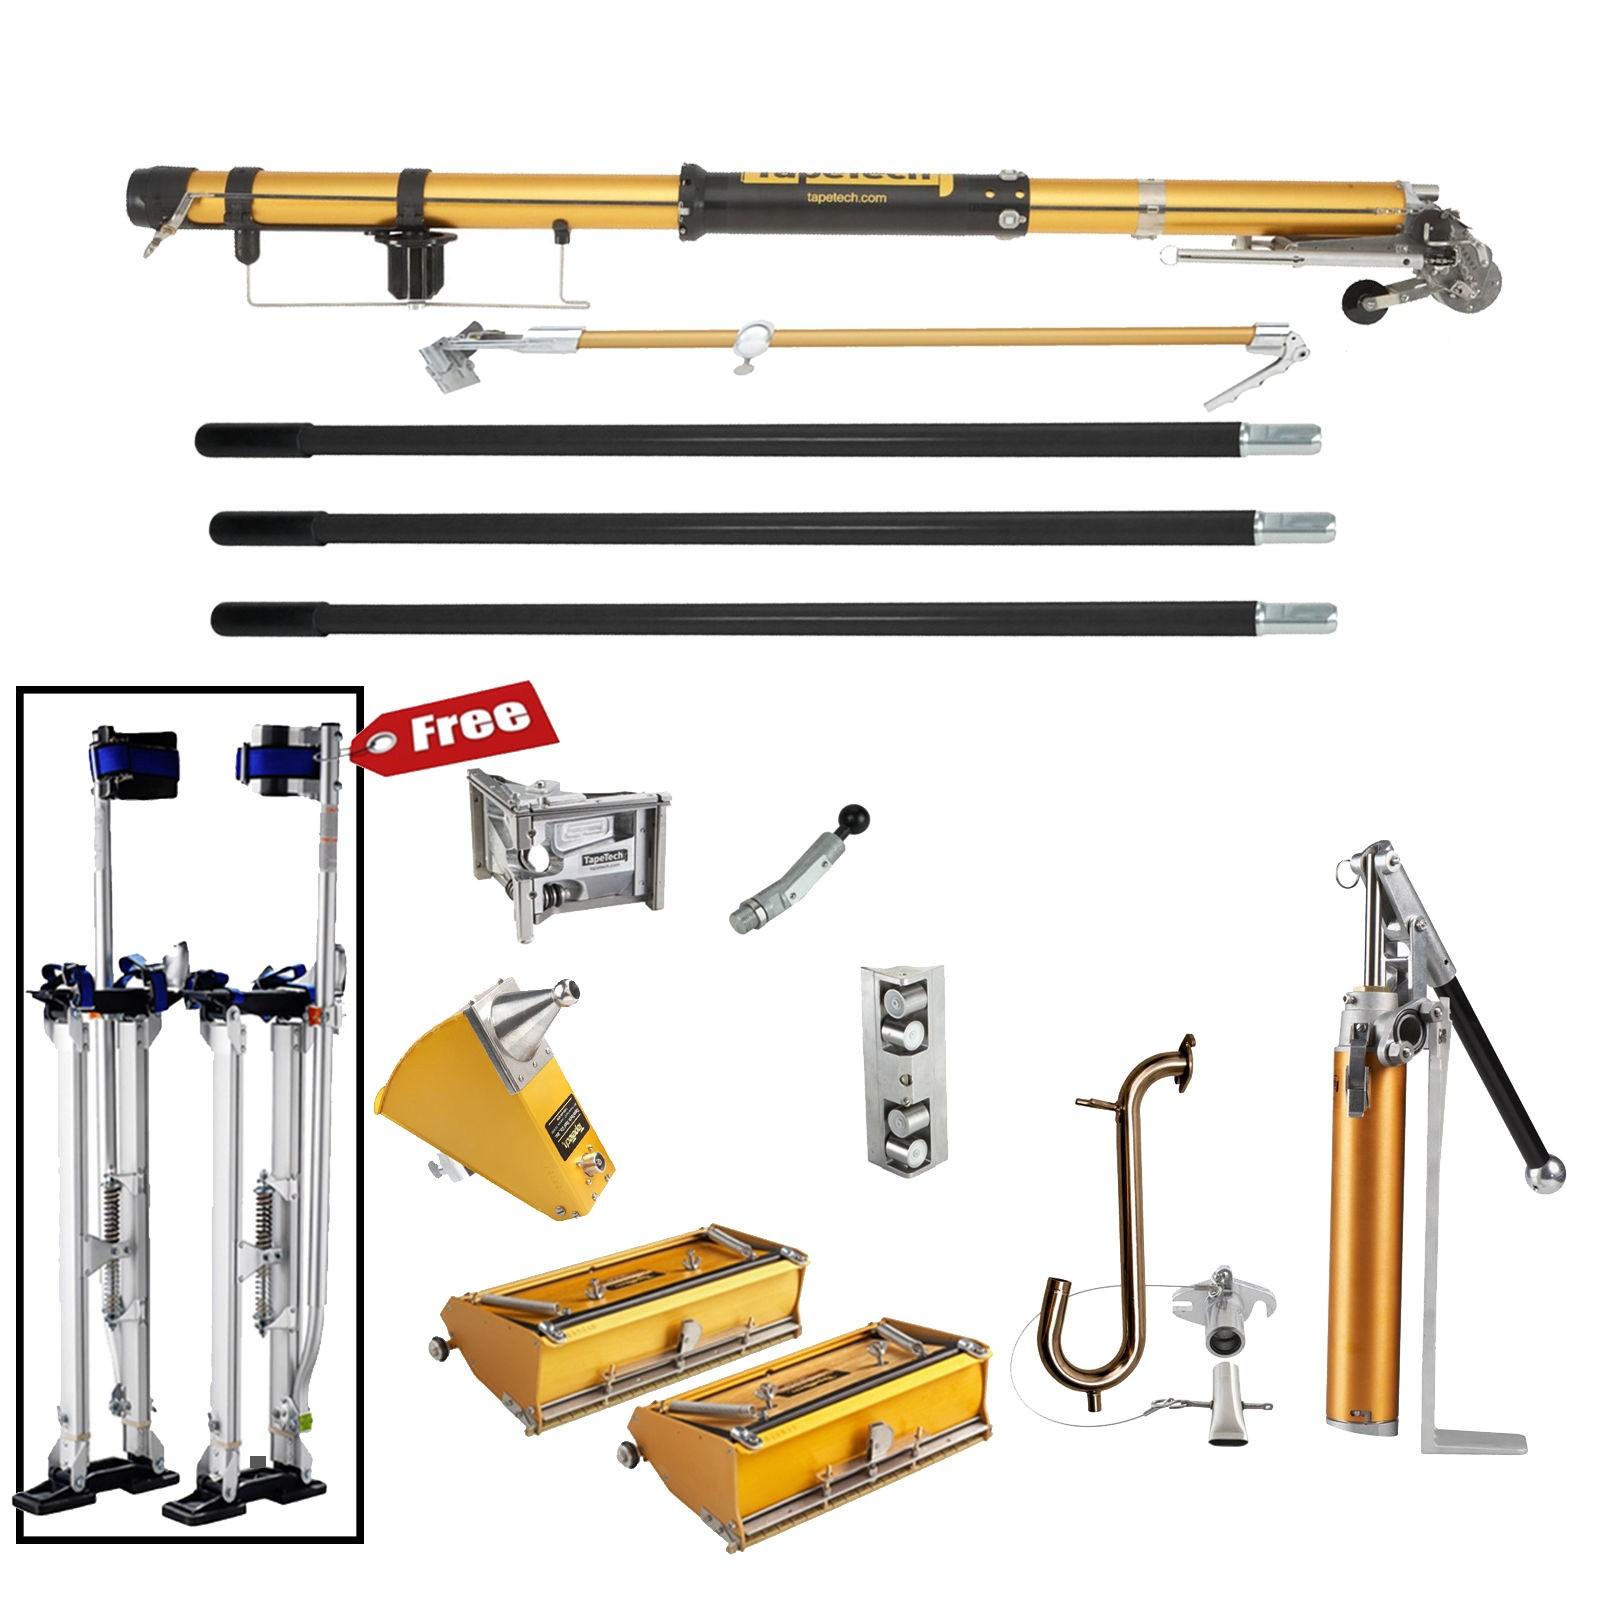 Tool Set Specials